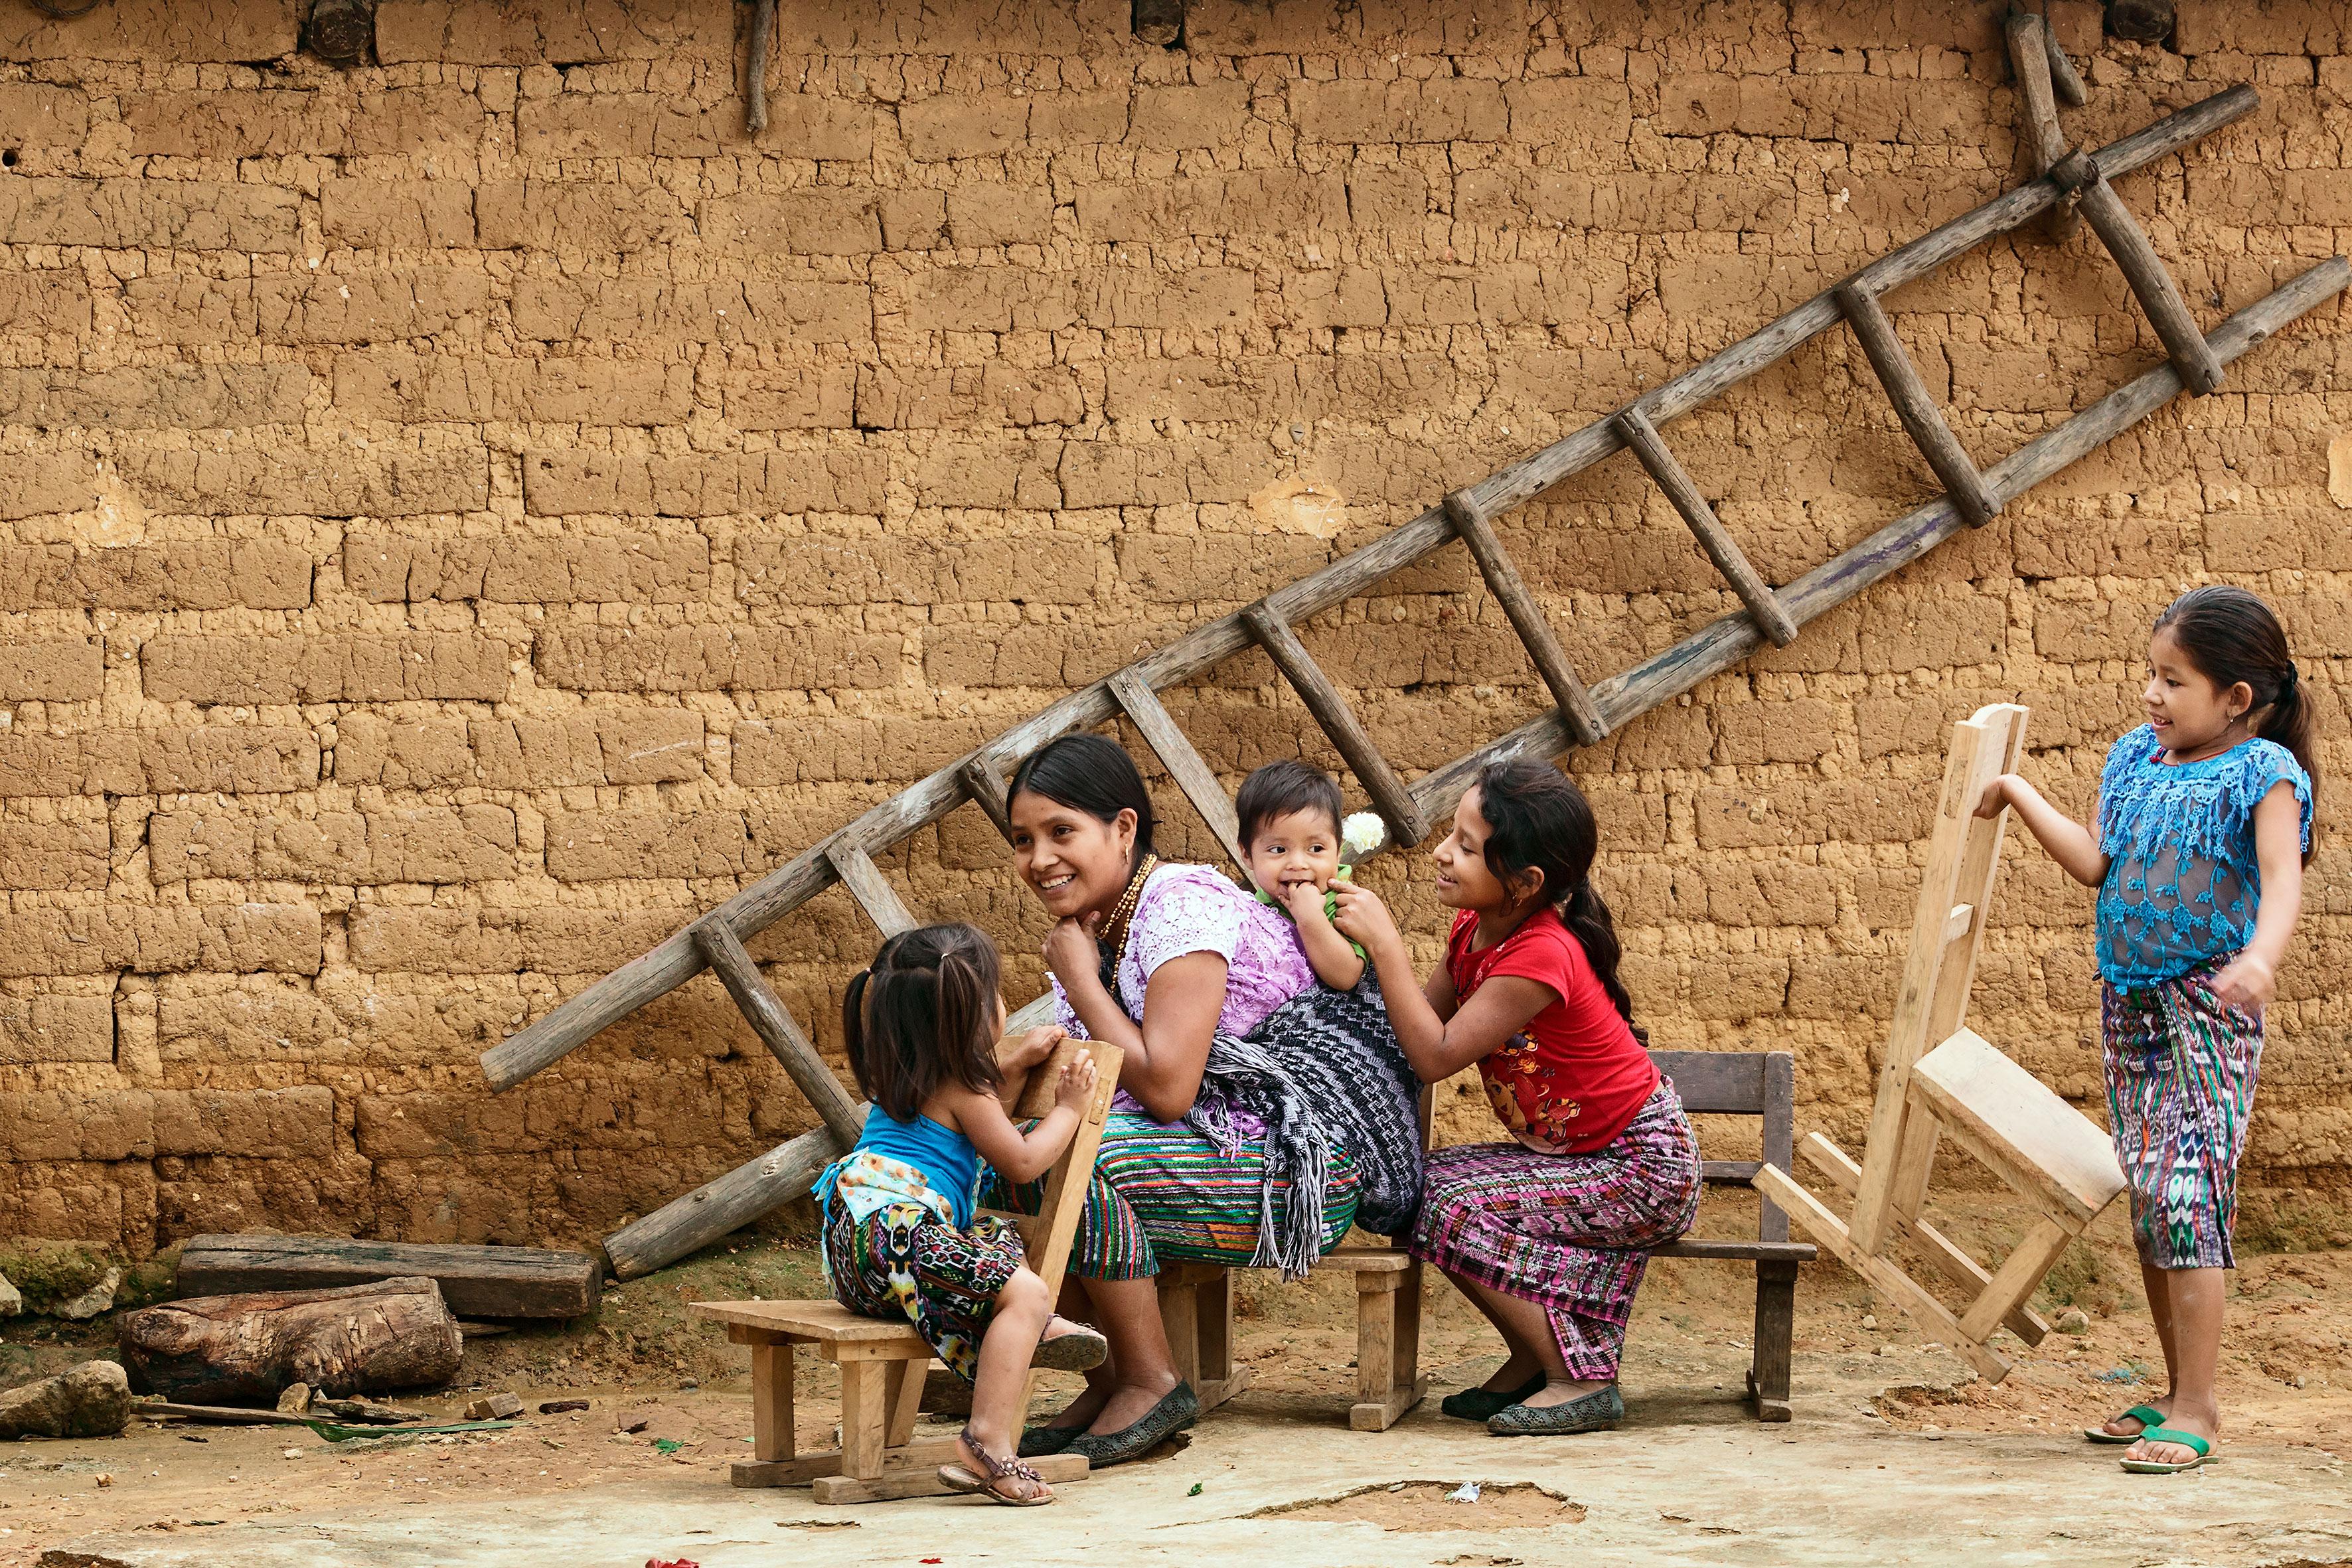 El Informe sobre Desarrollo Humano de 2019 se centrará en la desigualdad